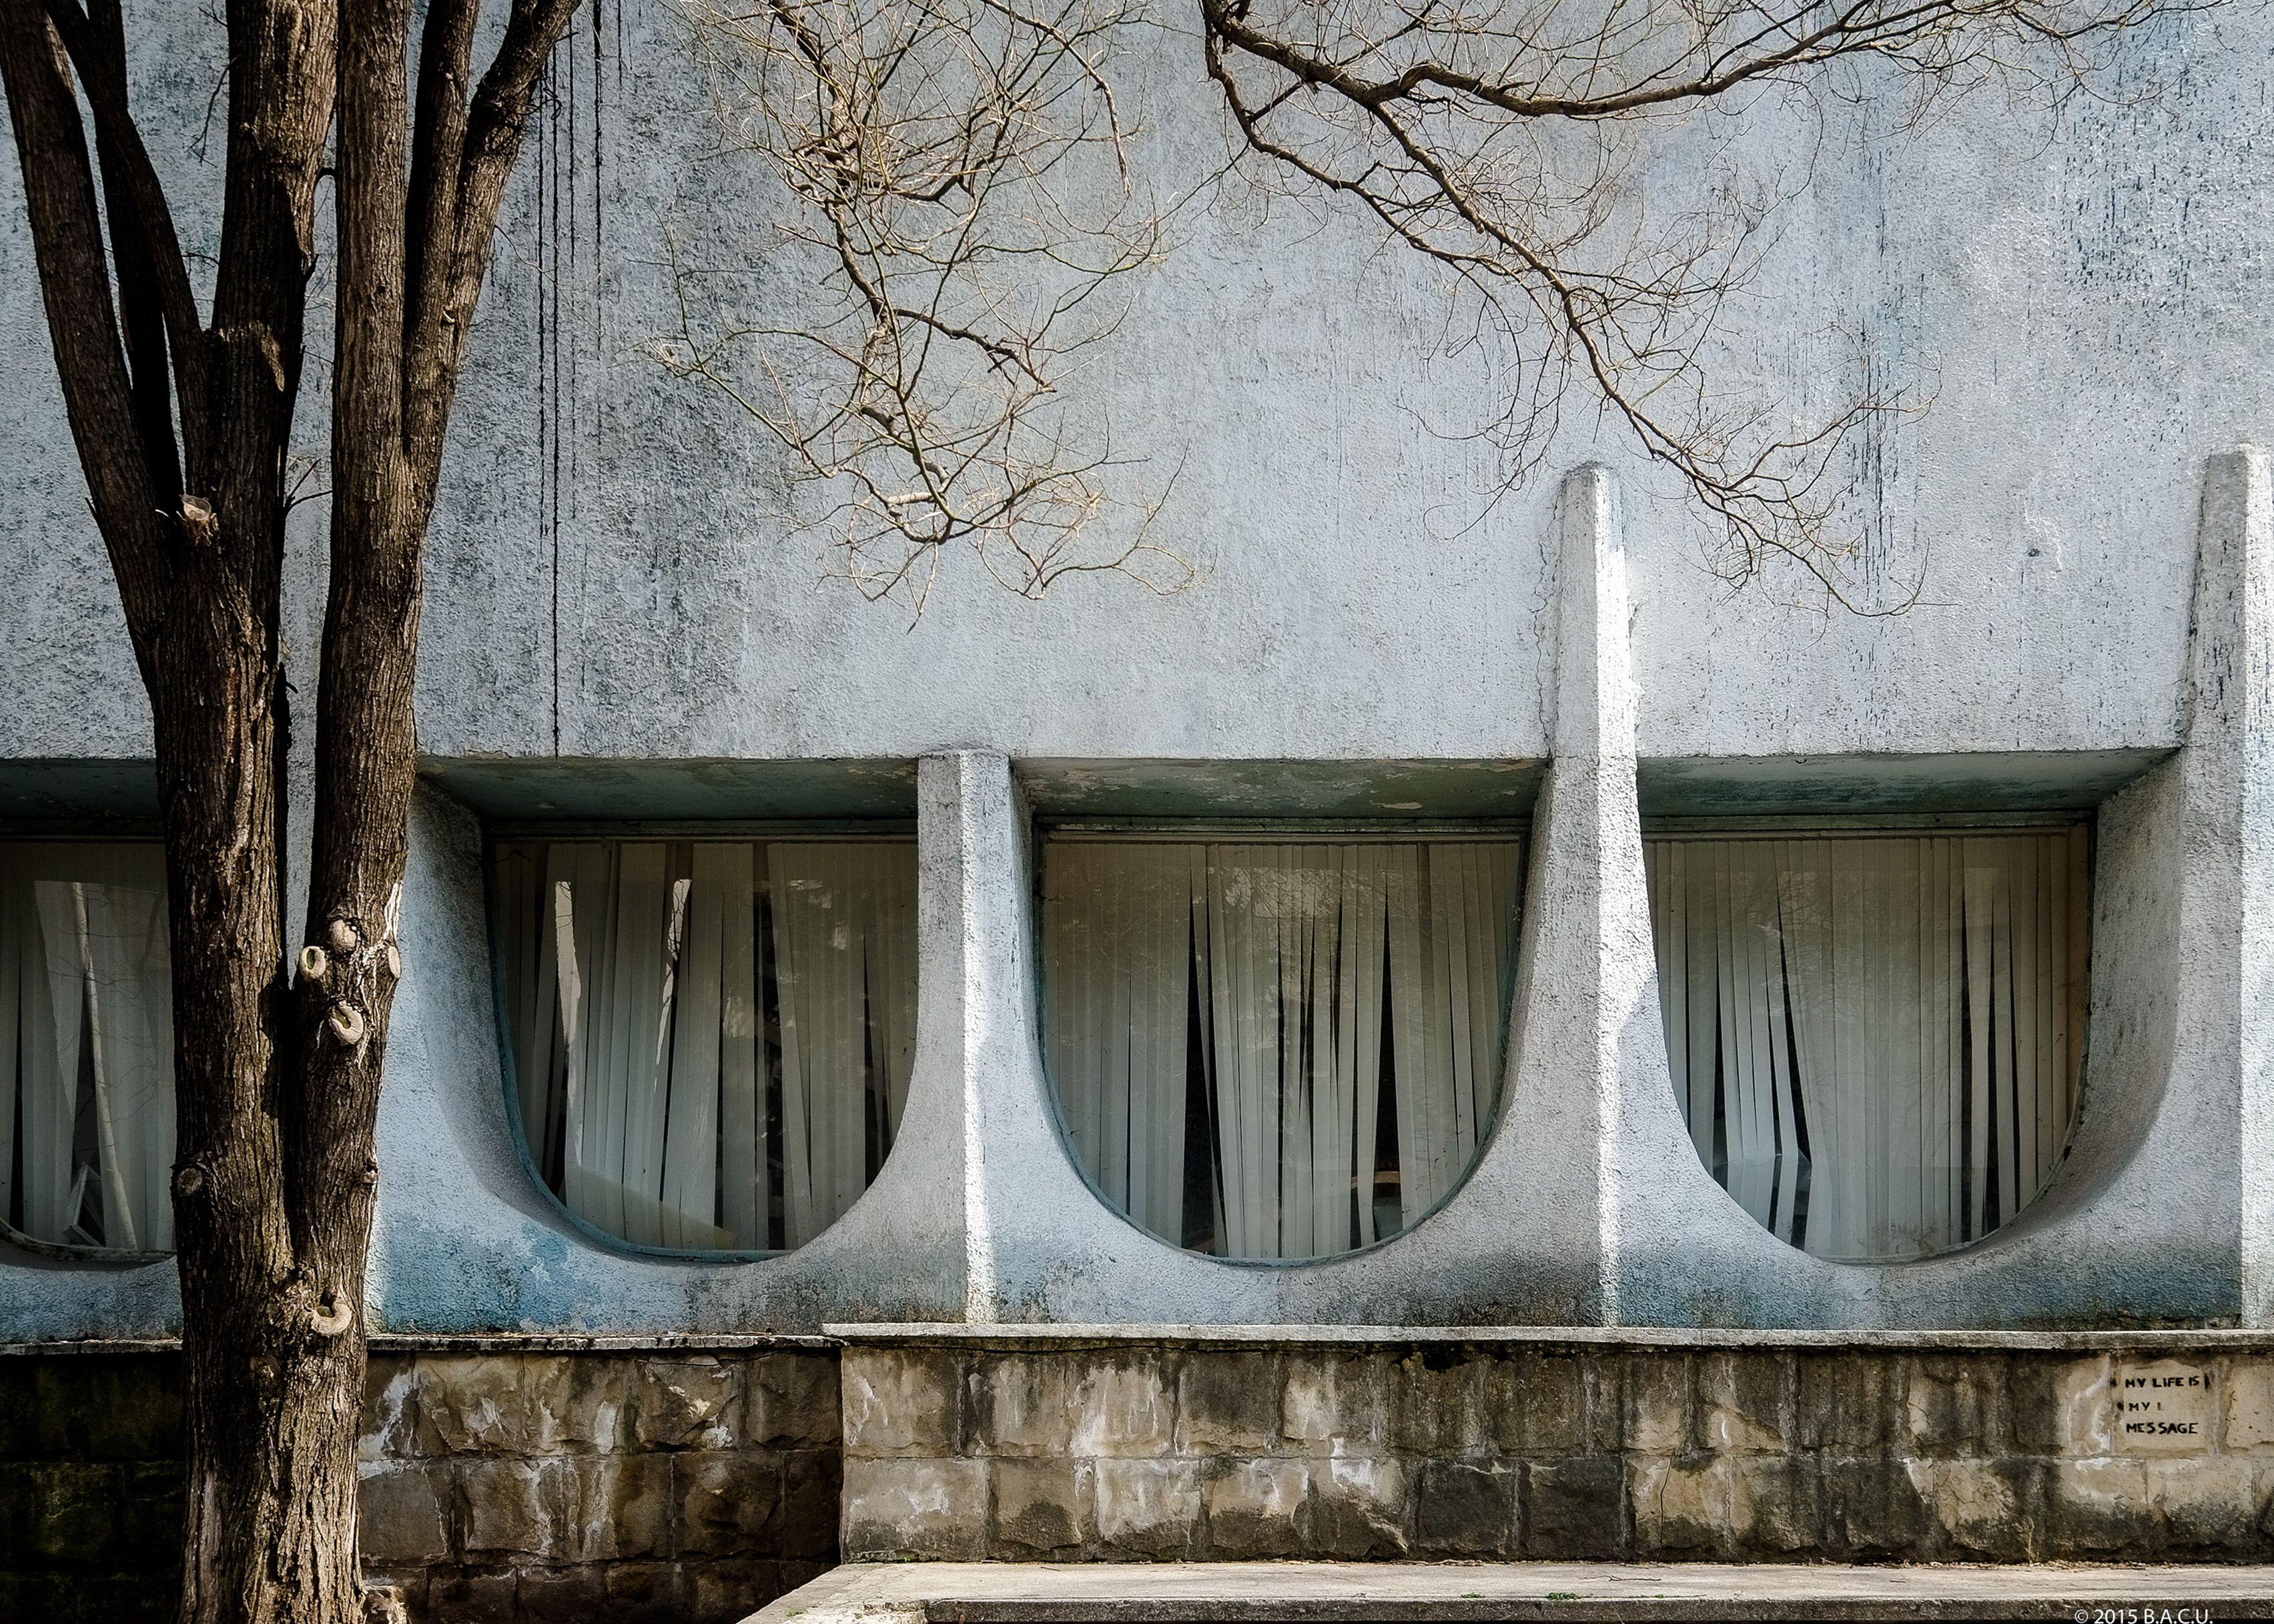 Former Mobili ~ Former restaurant noroc in chisinau moldova architecture